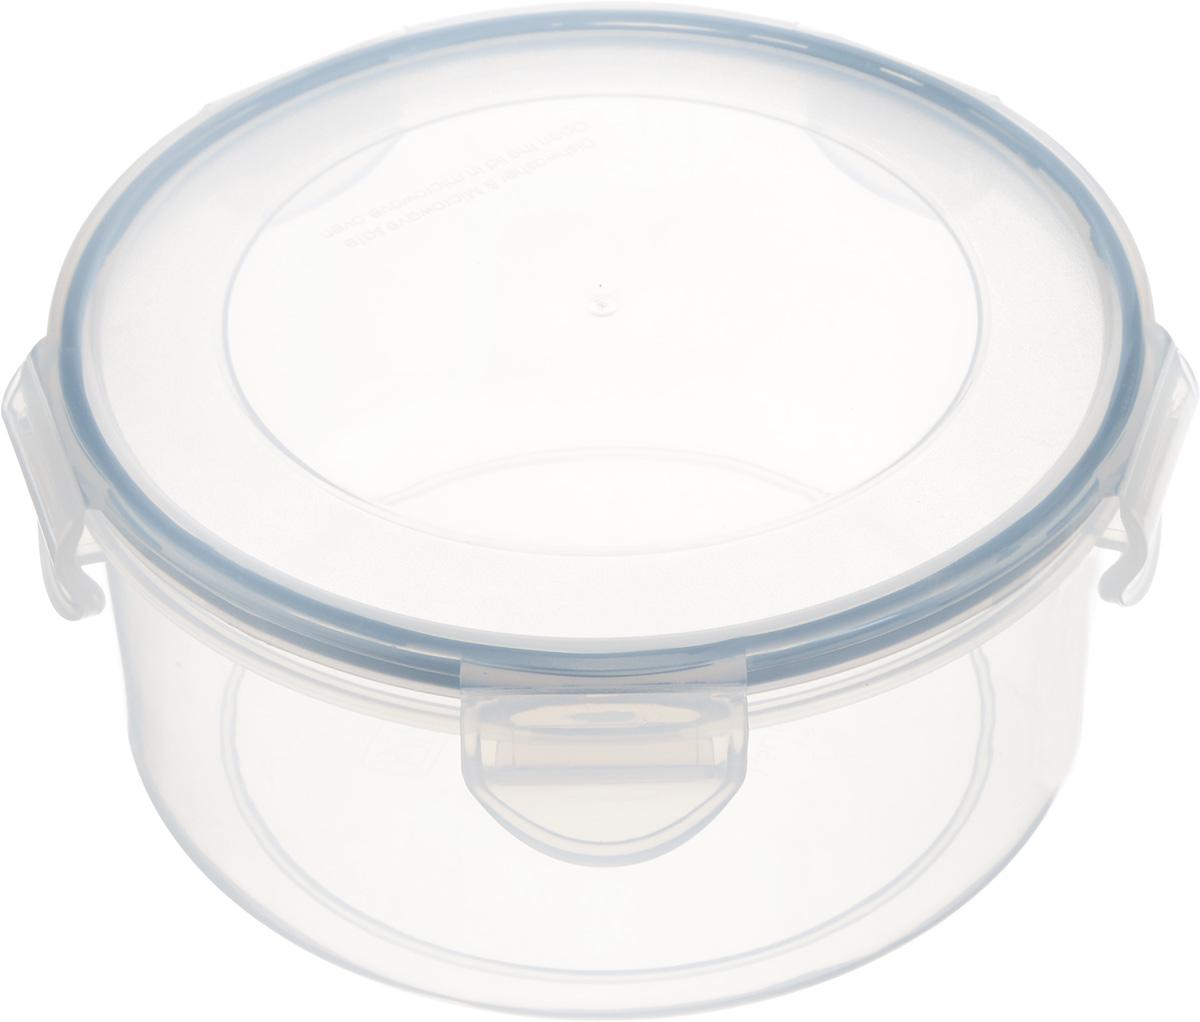 Контейнер Tescoma Freshbox, круглый, 1,5 л892114Круглый контейнер Tescoma Freshbox изготовлен из высококачественного пластика. Изделие идеально подходит не только для хранения, но и для транспортировки пищи. Контейнер имеет крышку, которая плотно закрывается на 5 защелок и оснащена специальной силиконовой прослойкой. Изделие подходит для домашнего использования, для пикников, поездок, отдыха на природе, его можно взять с собой на работу или учебу. Можно использовать в СВЧ-печах, холодильниках и морозильных камерах. Можно мыть в посудомоечной машине. Диаметр контейнера (без учета крышки): 17 см. Высота контейнера (без учета крышки): 8 см.